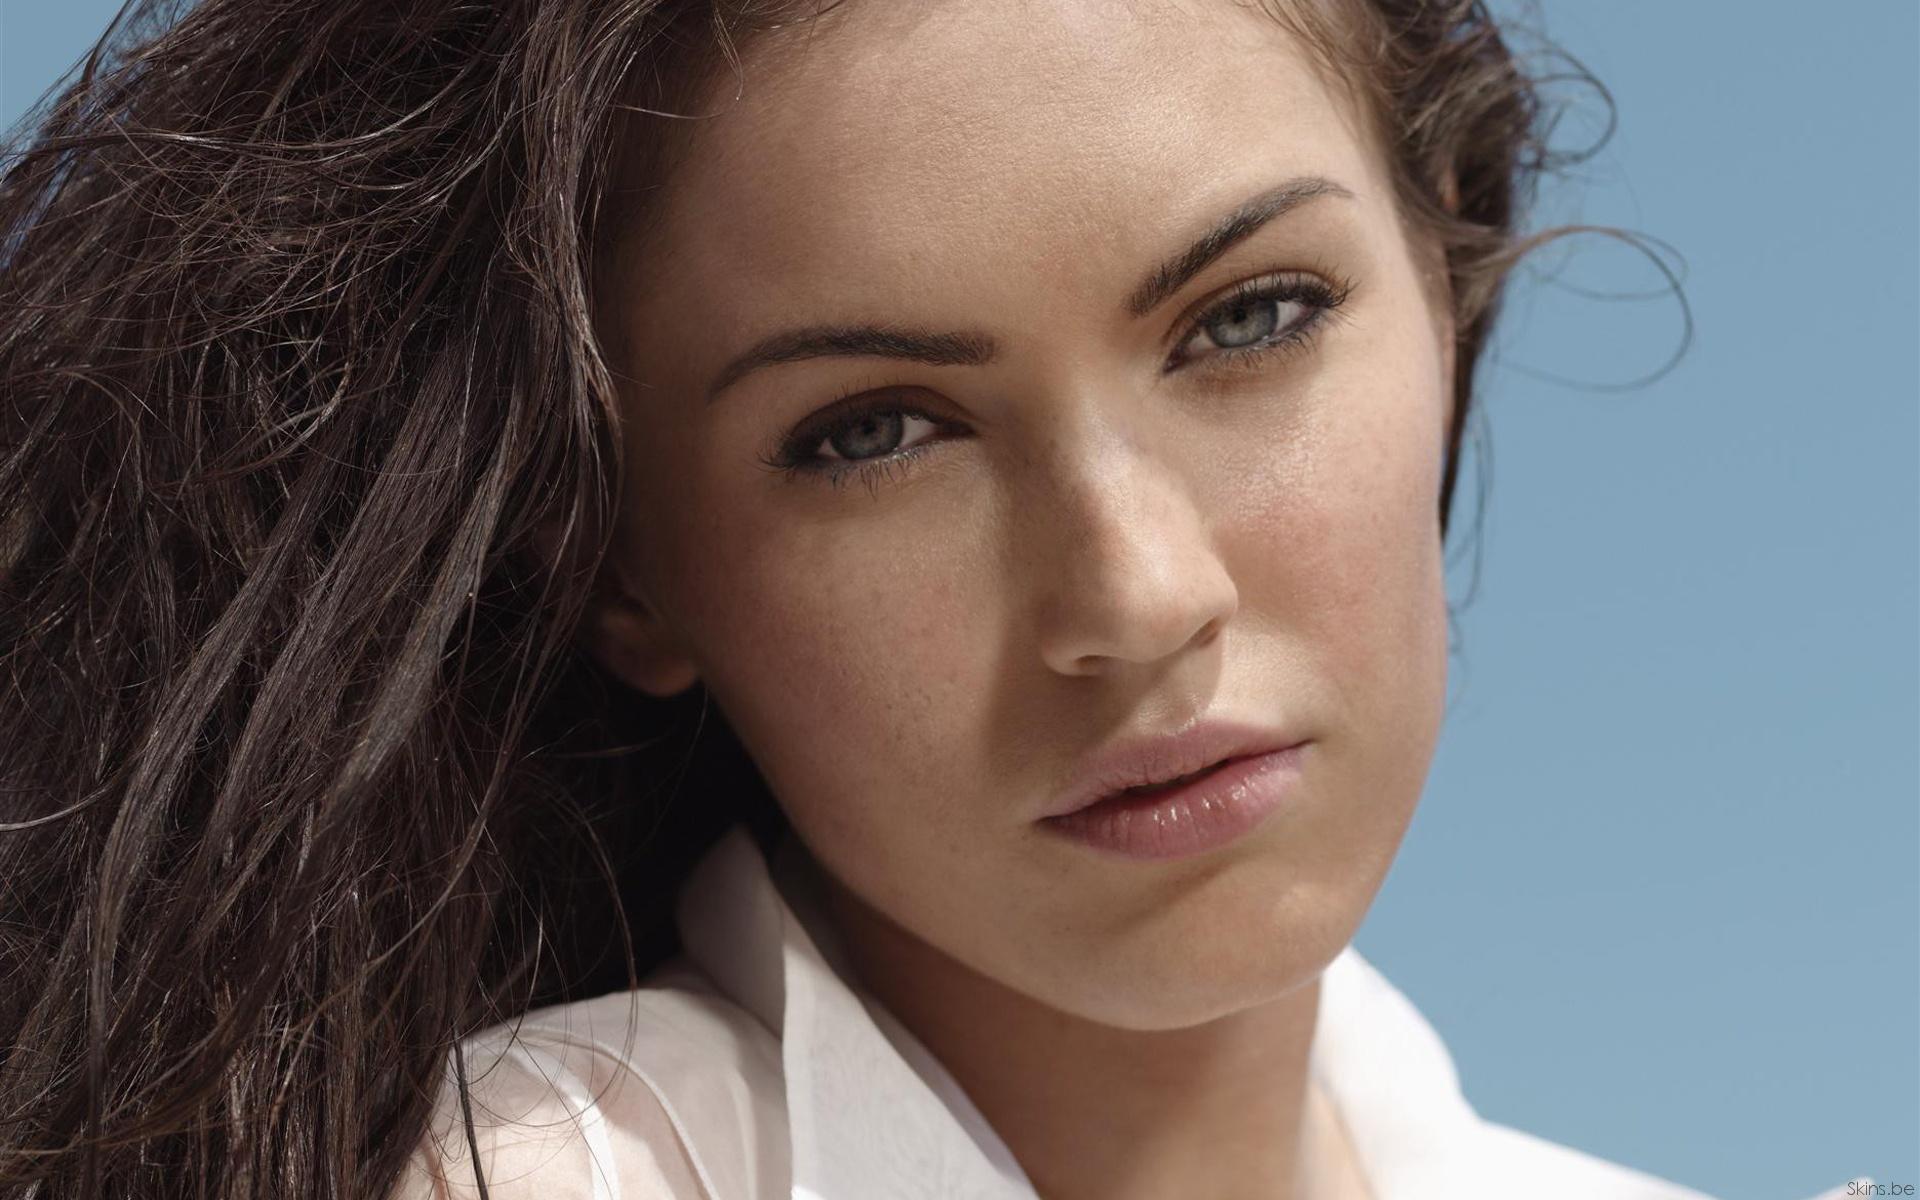 Megan Fox/მეგან ფოქსი Bb0c7fcbba2e5fd517fbe31fa6dbc27c